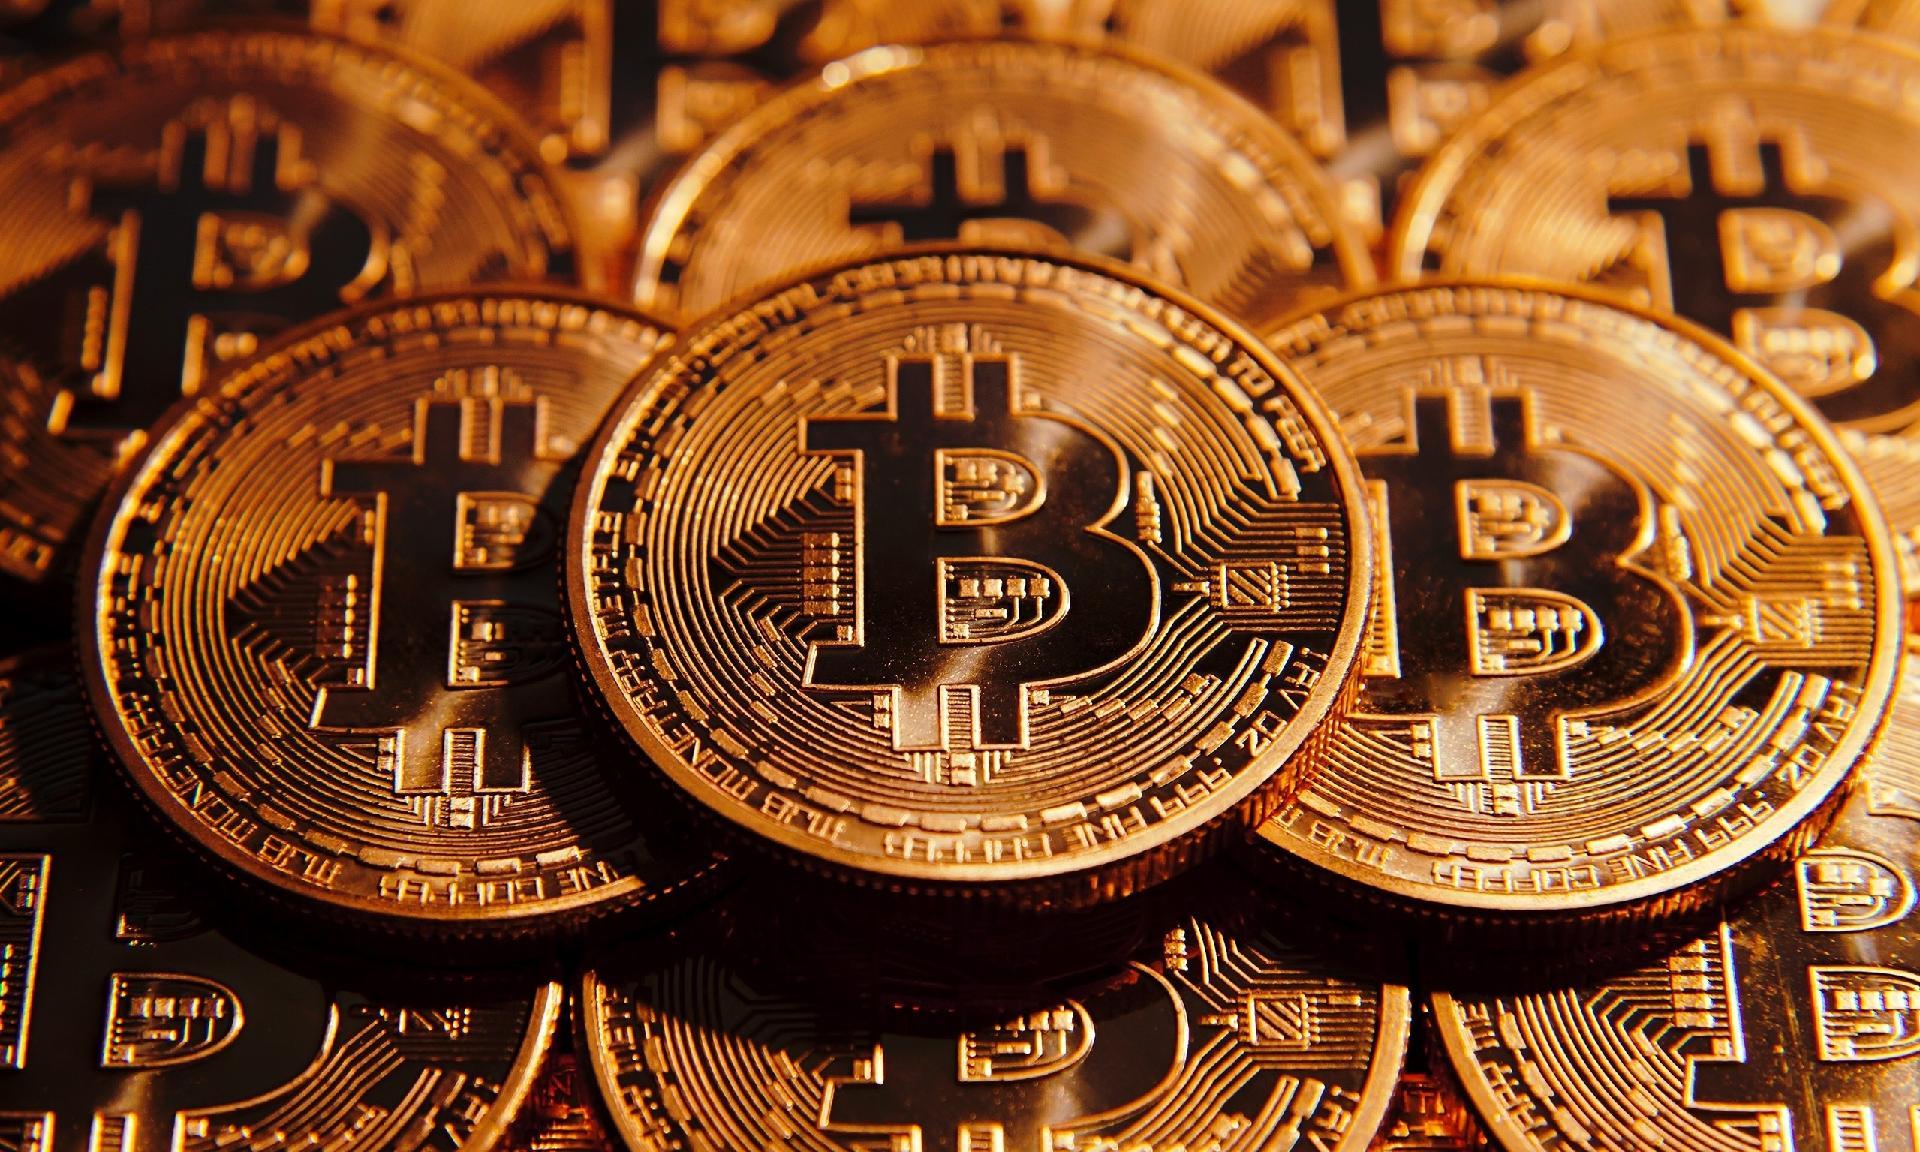 comercio de criptomonedas julia negociando bitcoin assim lucro